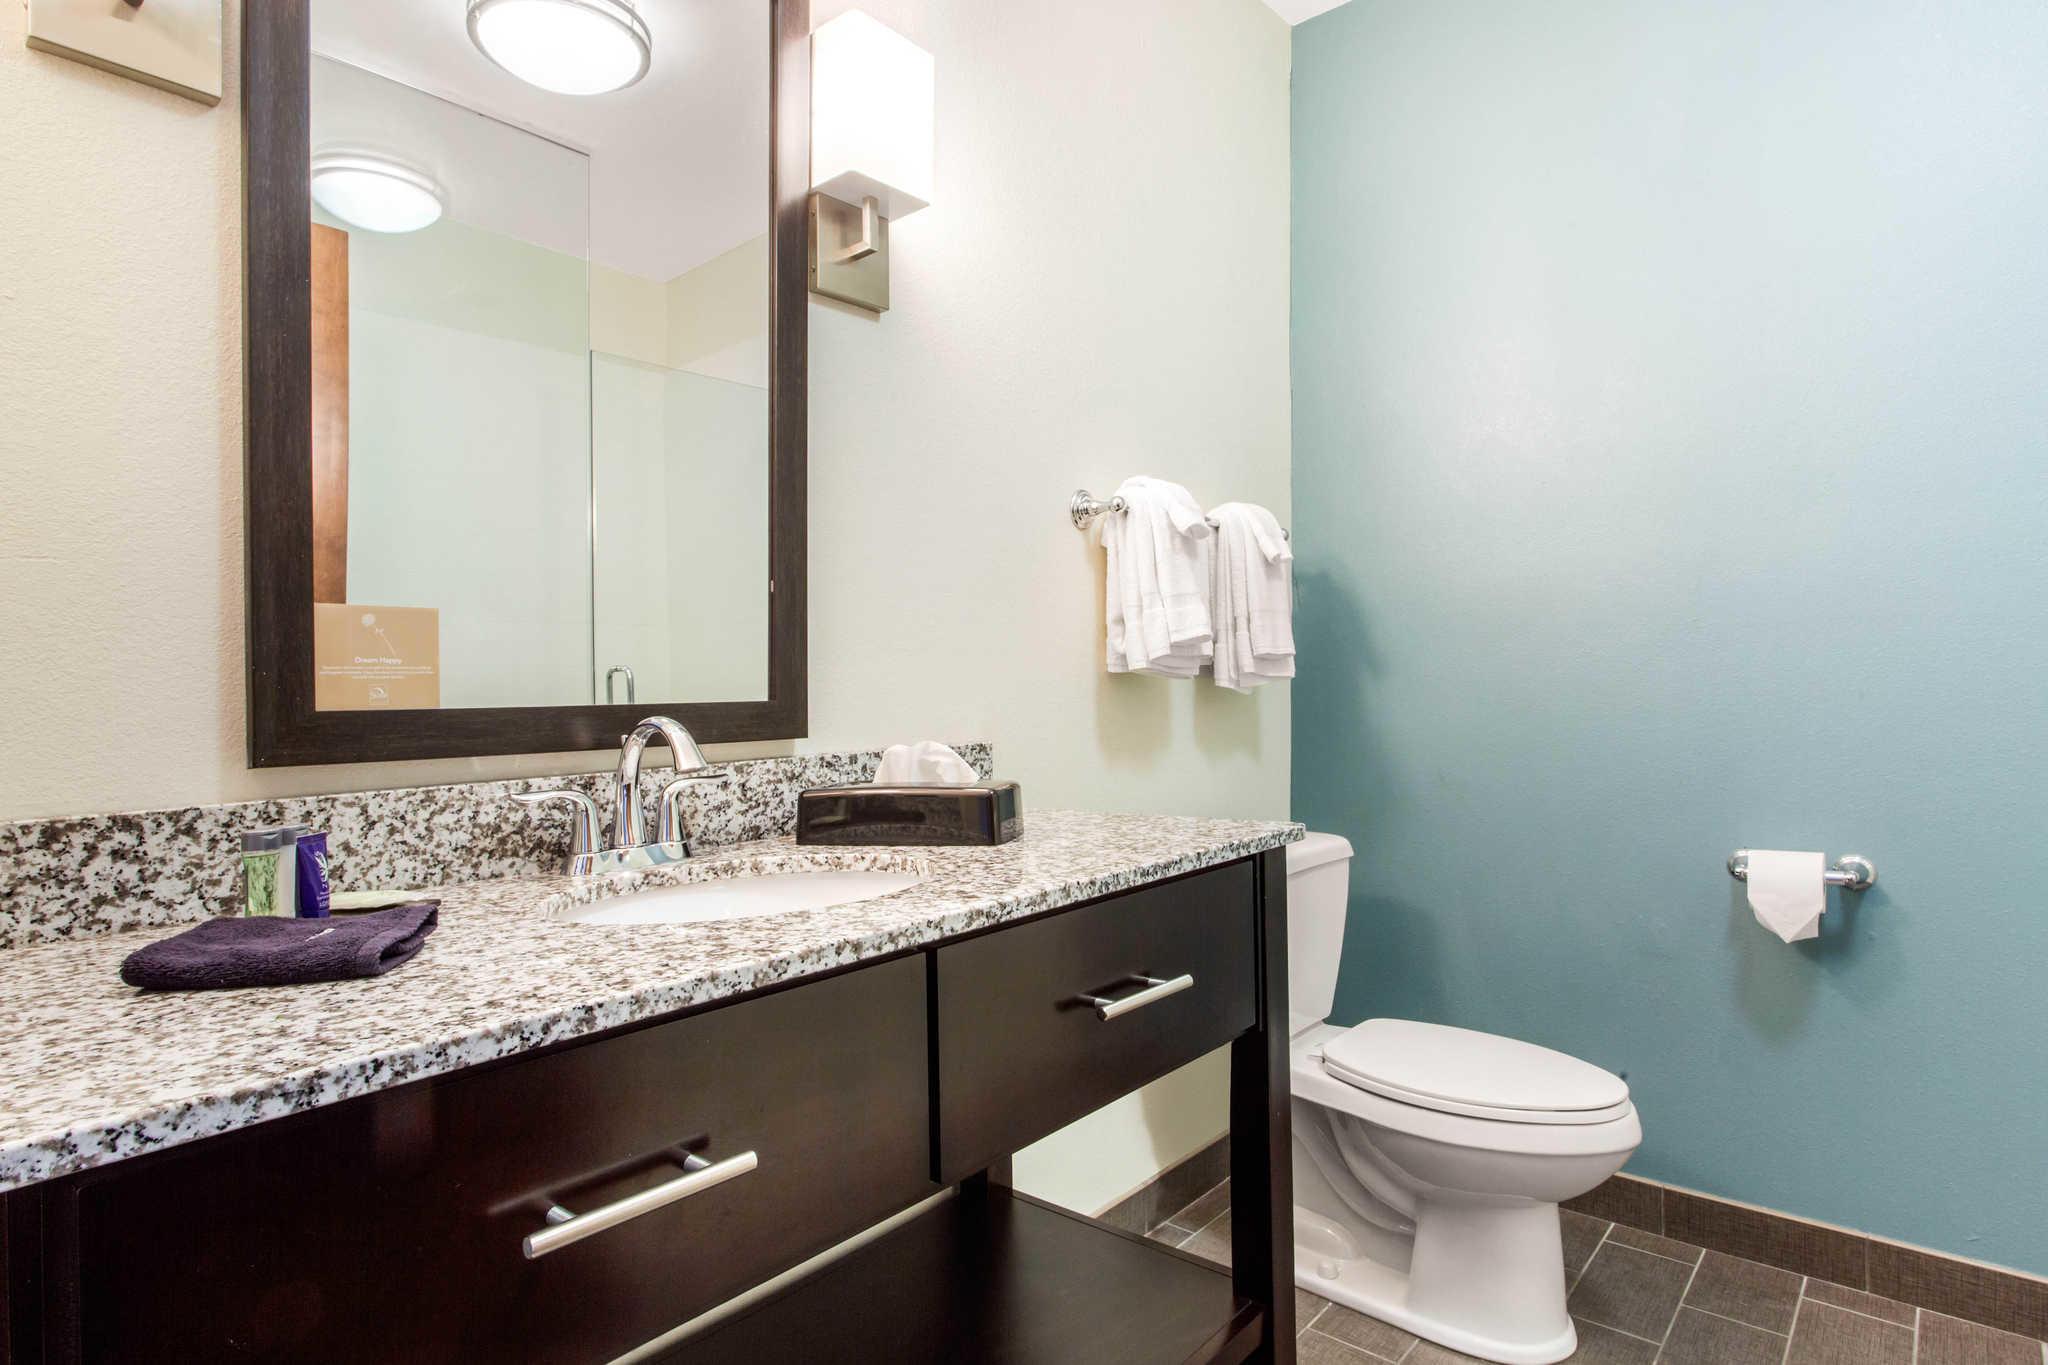 Sleep Inn & Suites Middletown - Goshen, Middletown New ...